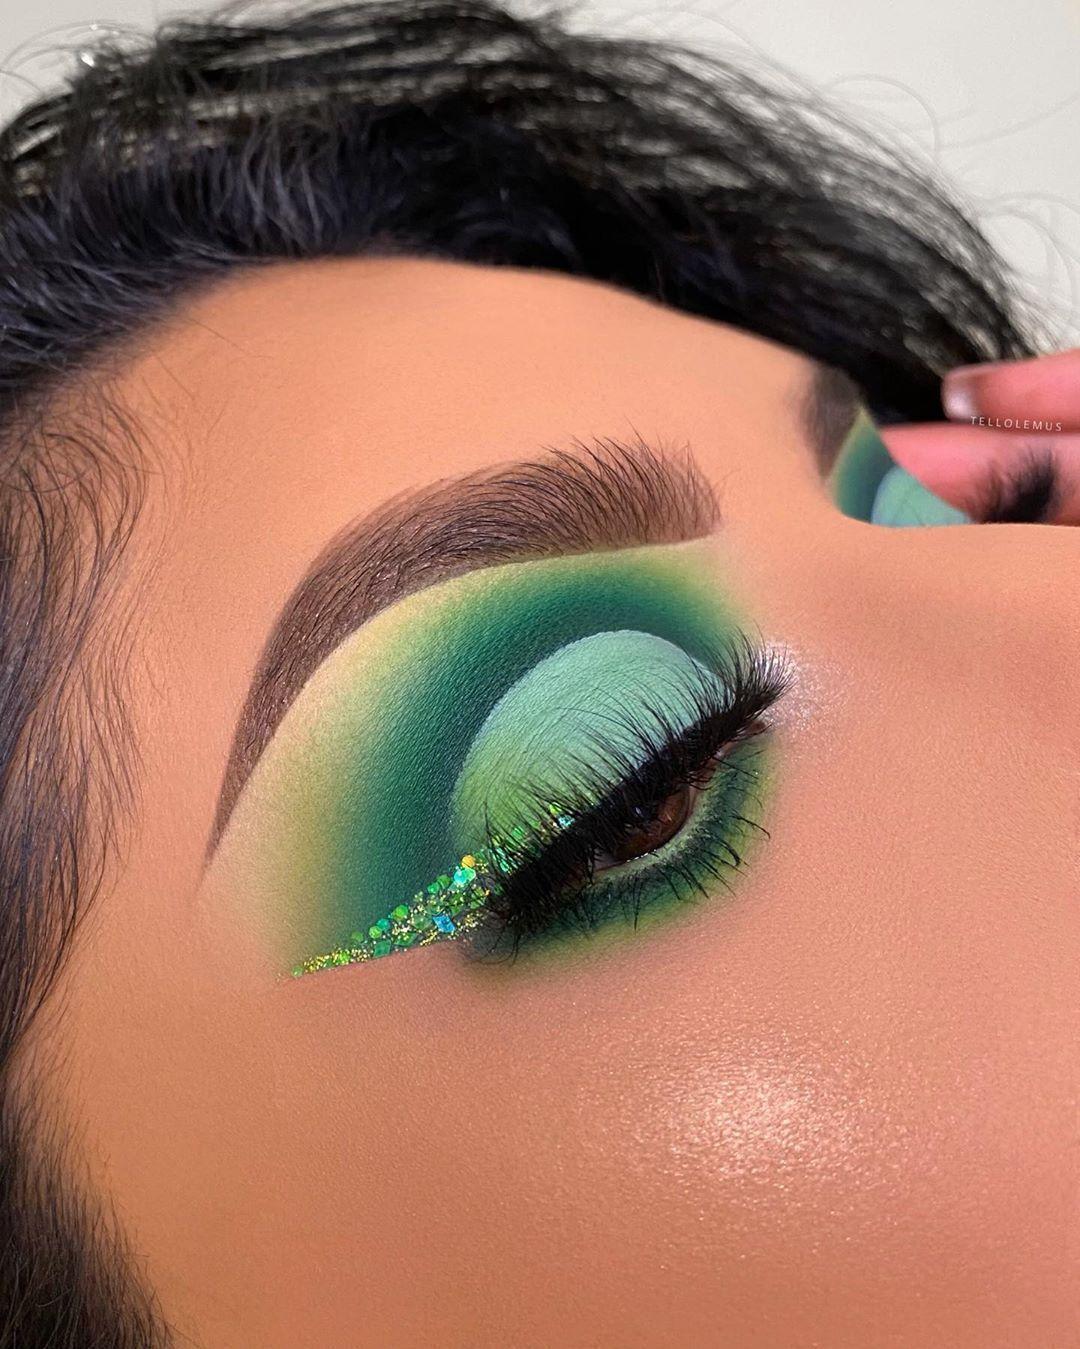 """Zertifizierte Makeup Artist auf Instagram """"🍋VERDE LIMÓN"""